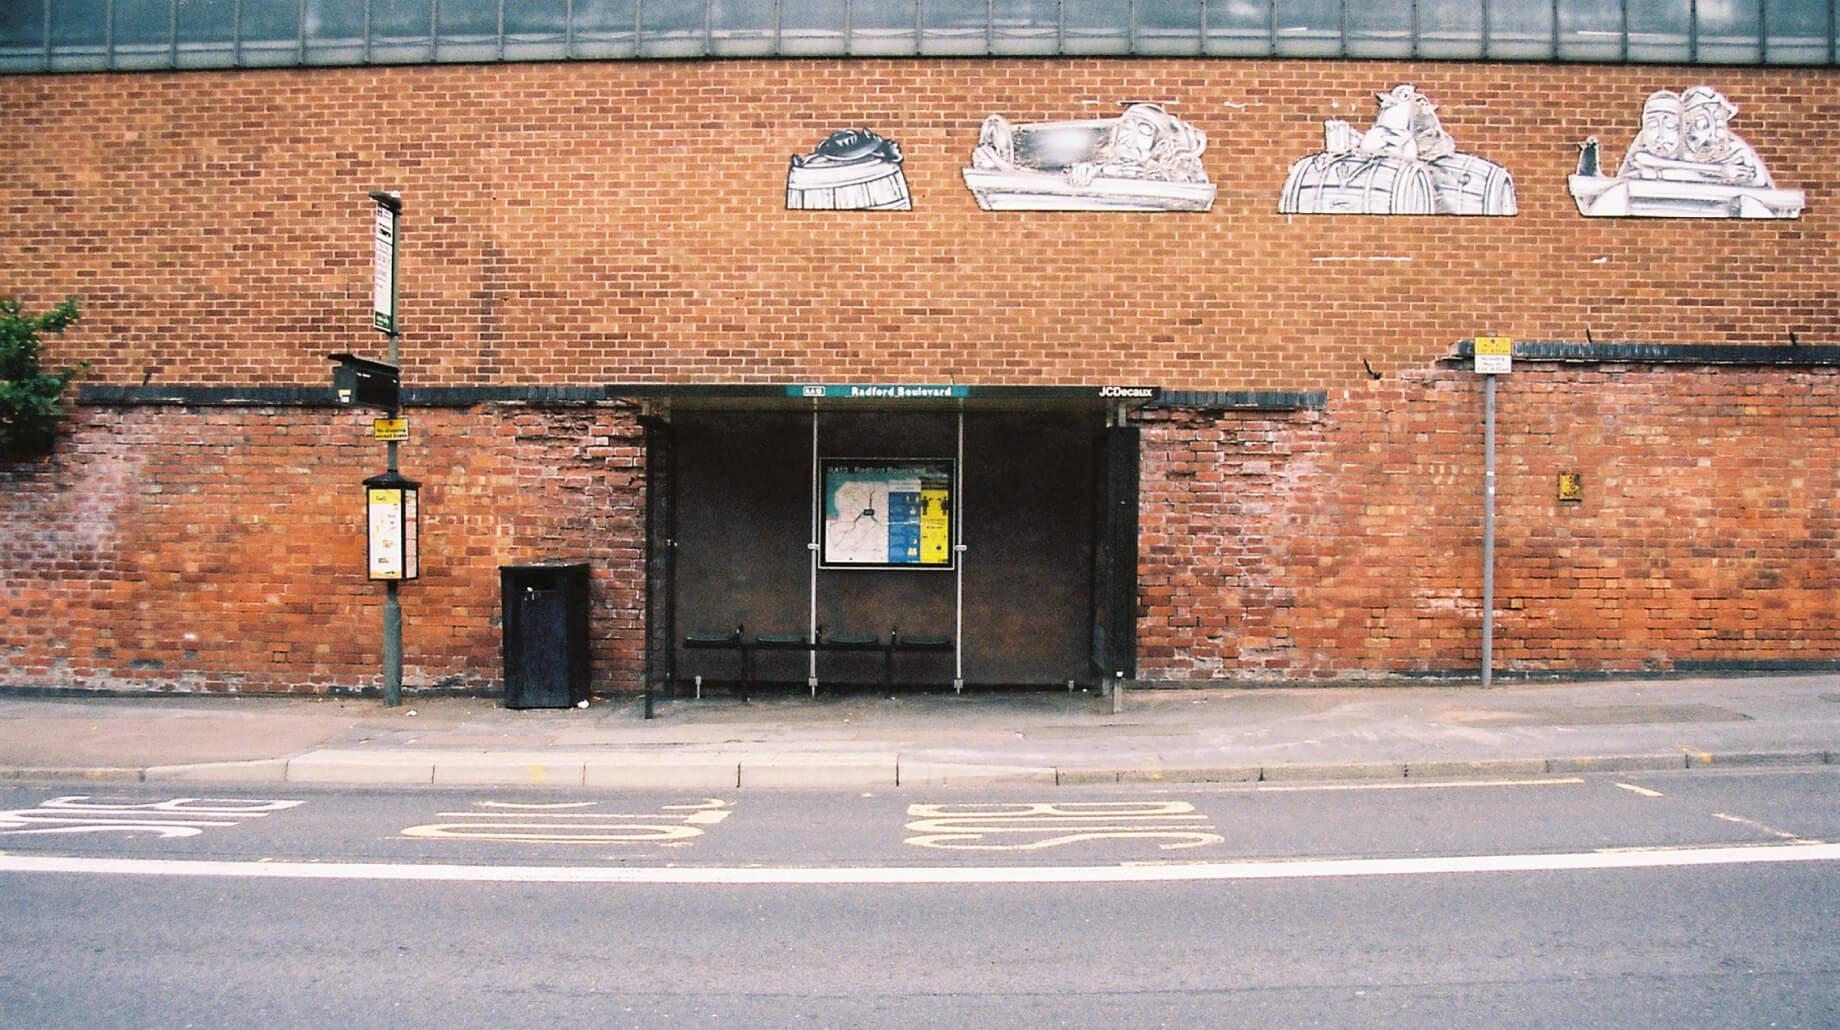 This image may contain: brick, tarmac, asphalt